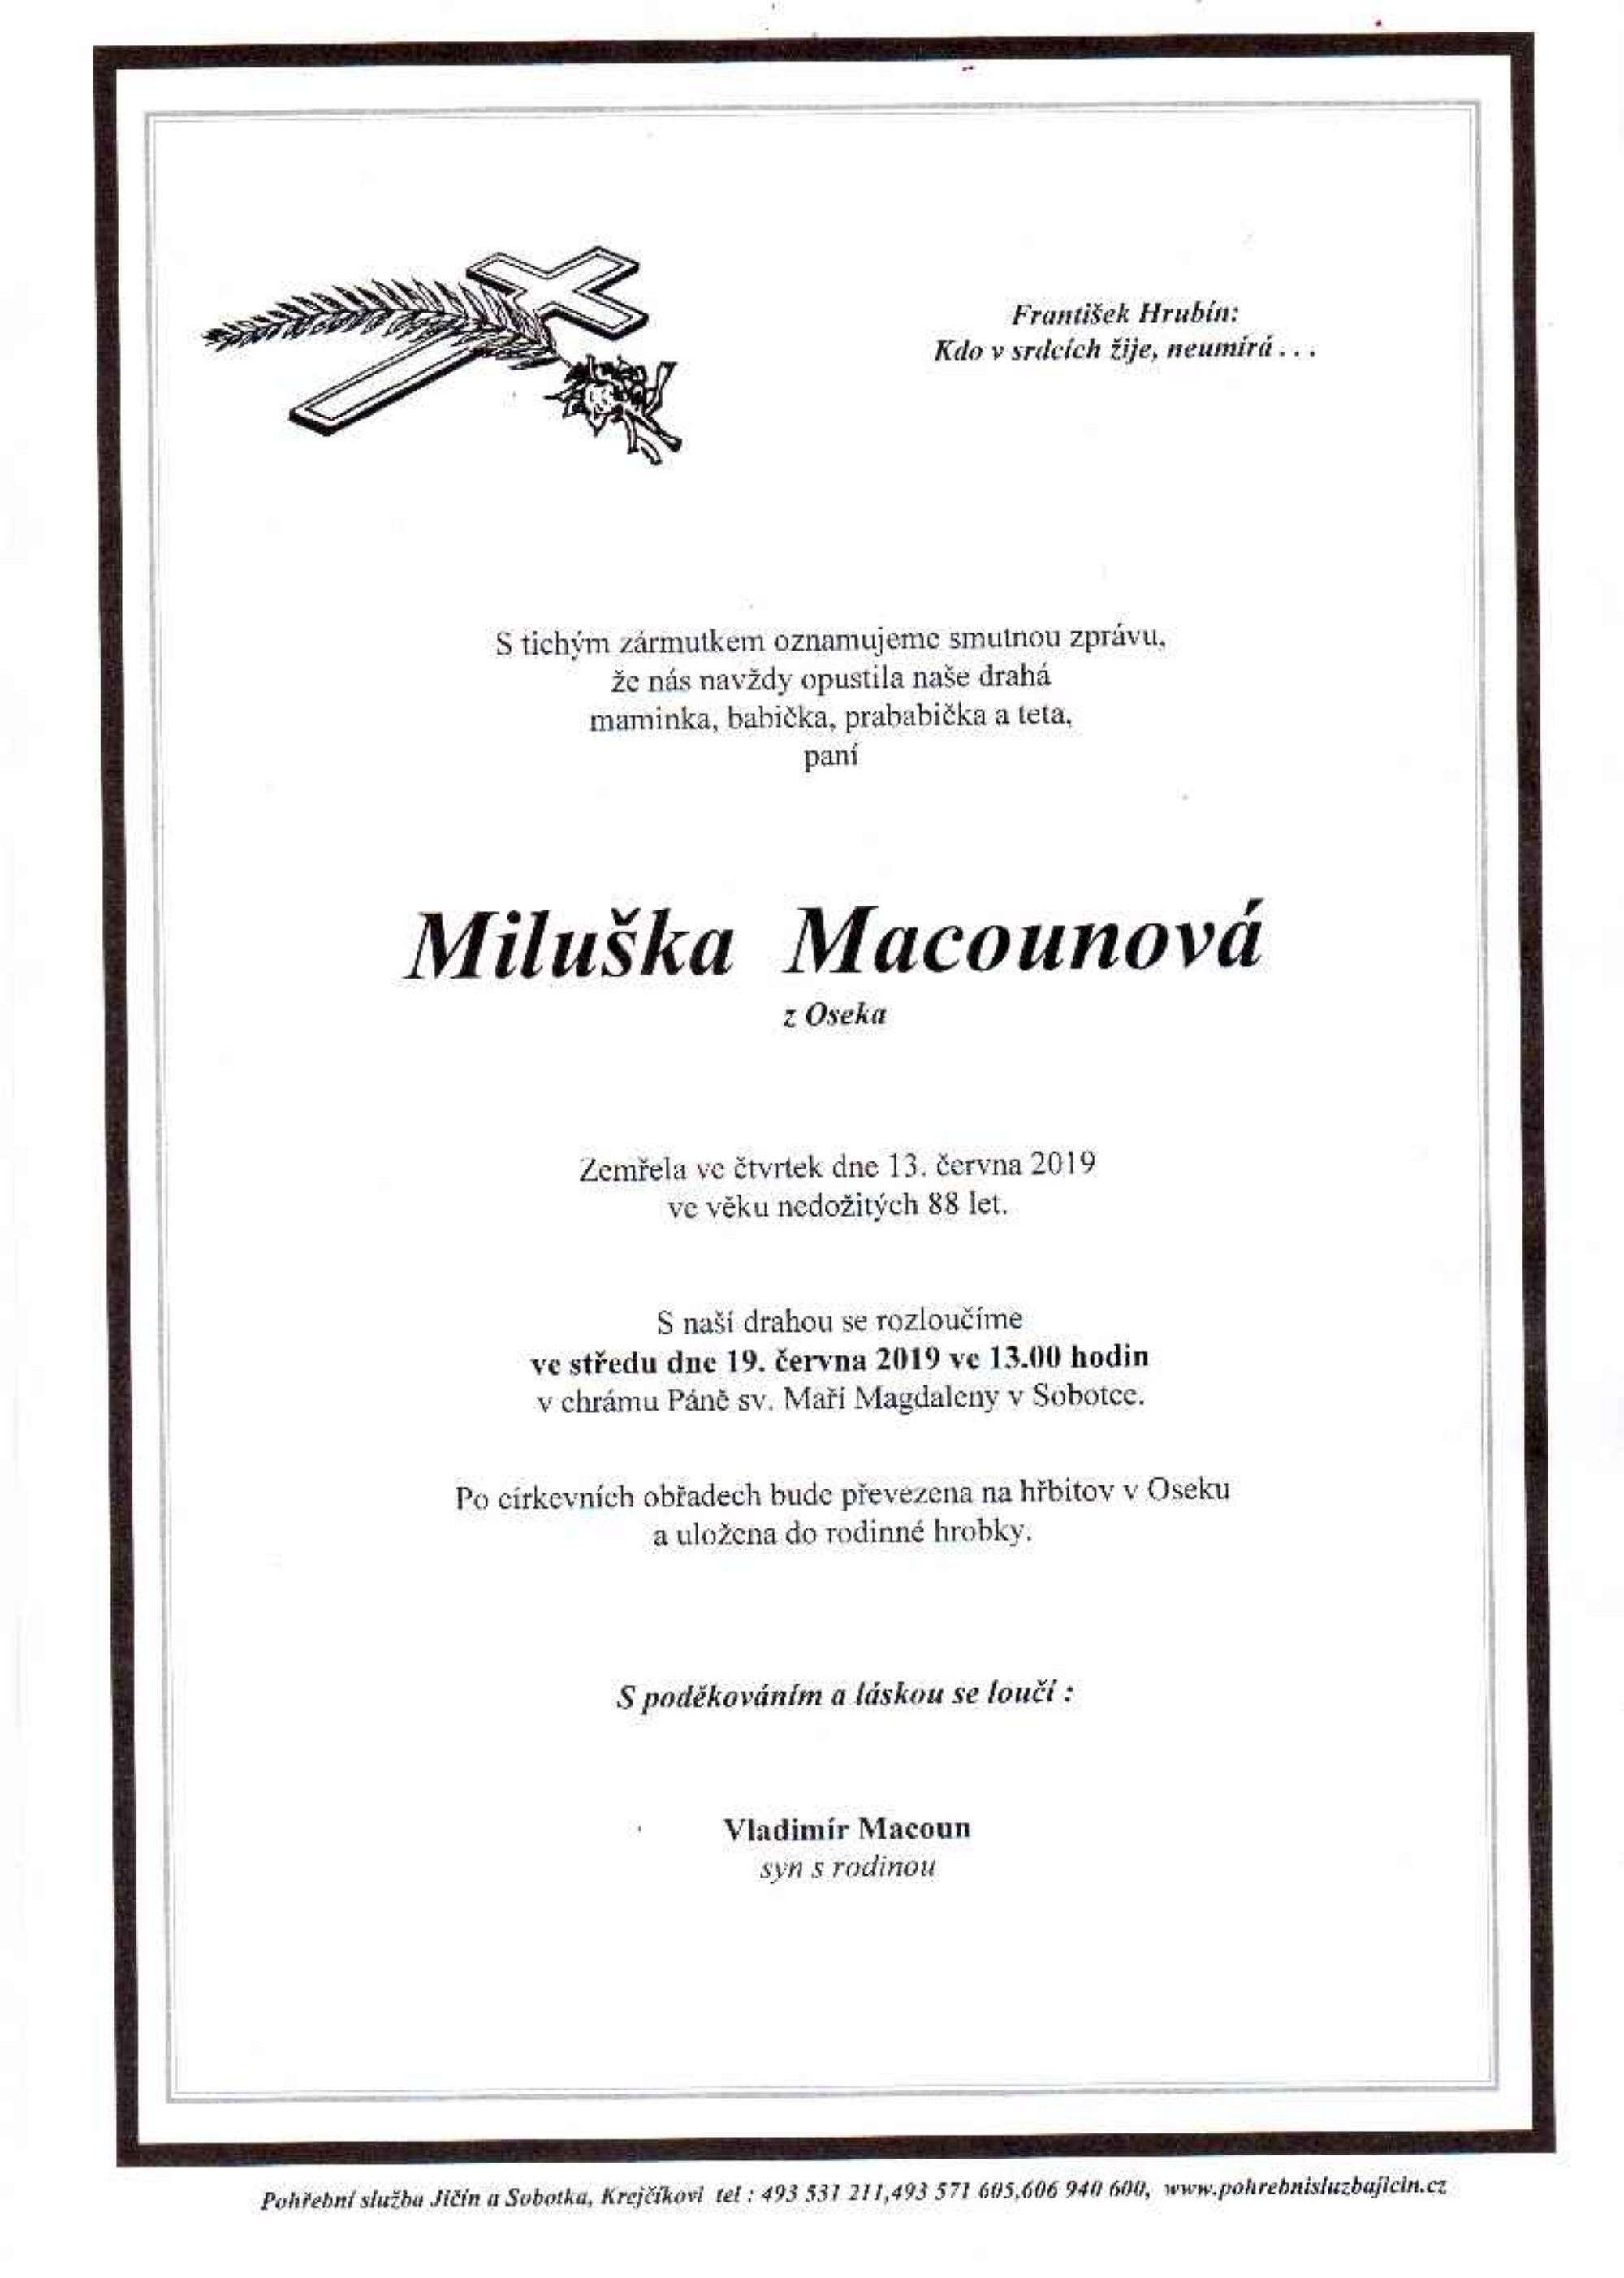 Miluška Macounová